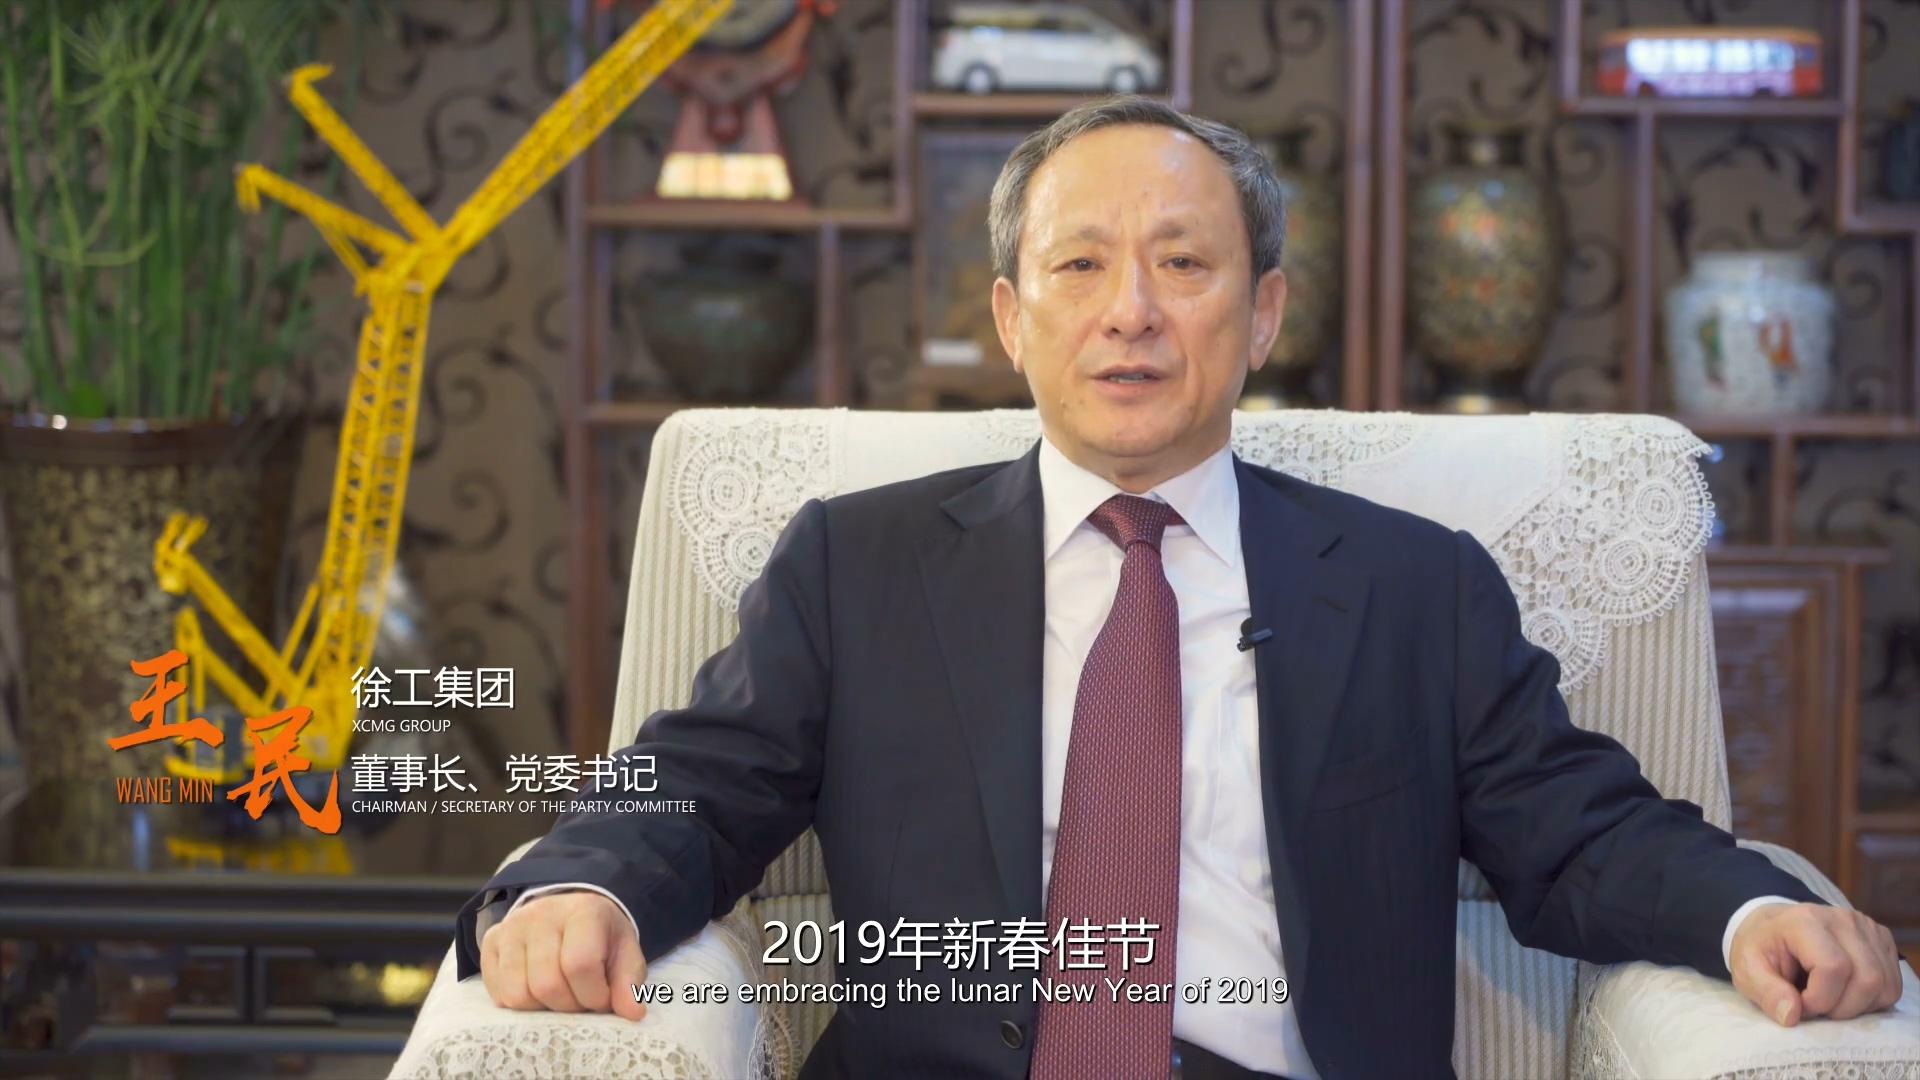 新春贺词 | 王民董事长:用情、用心、用劲、用力,共同迎接美好的明天!